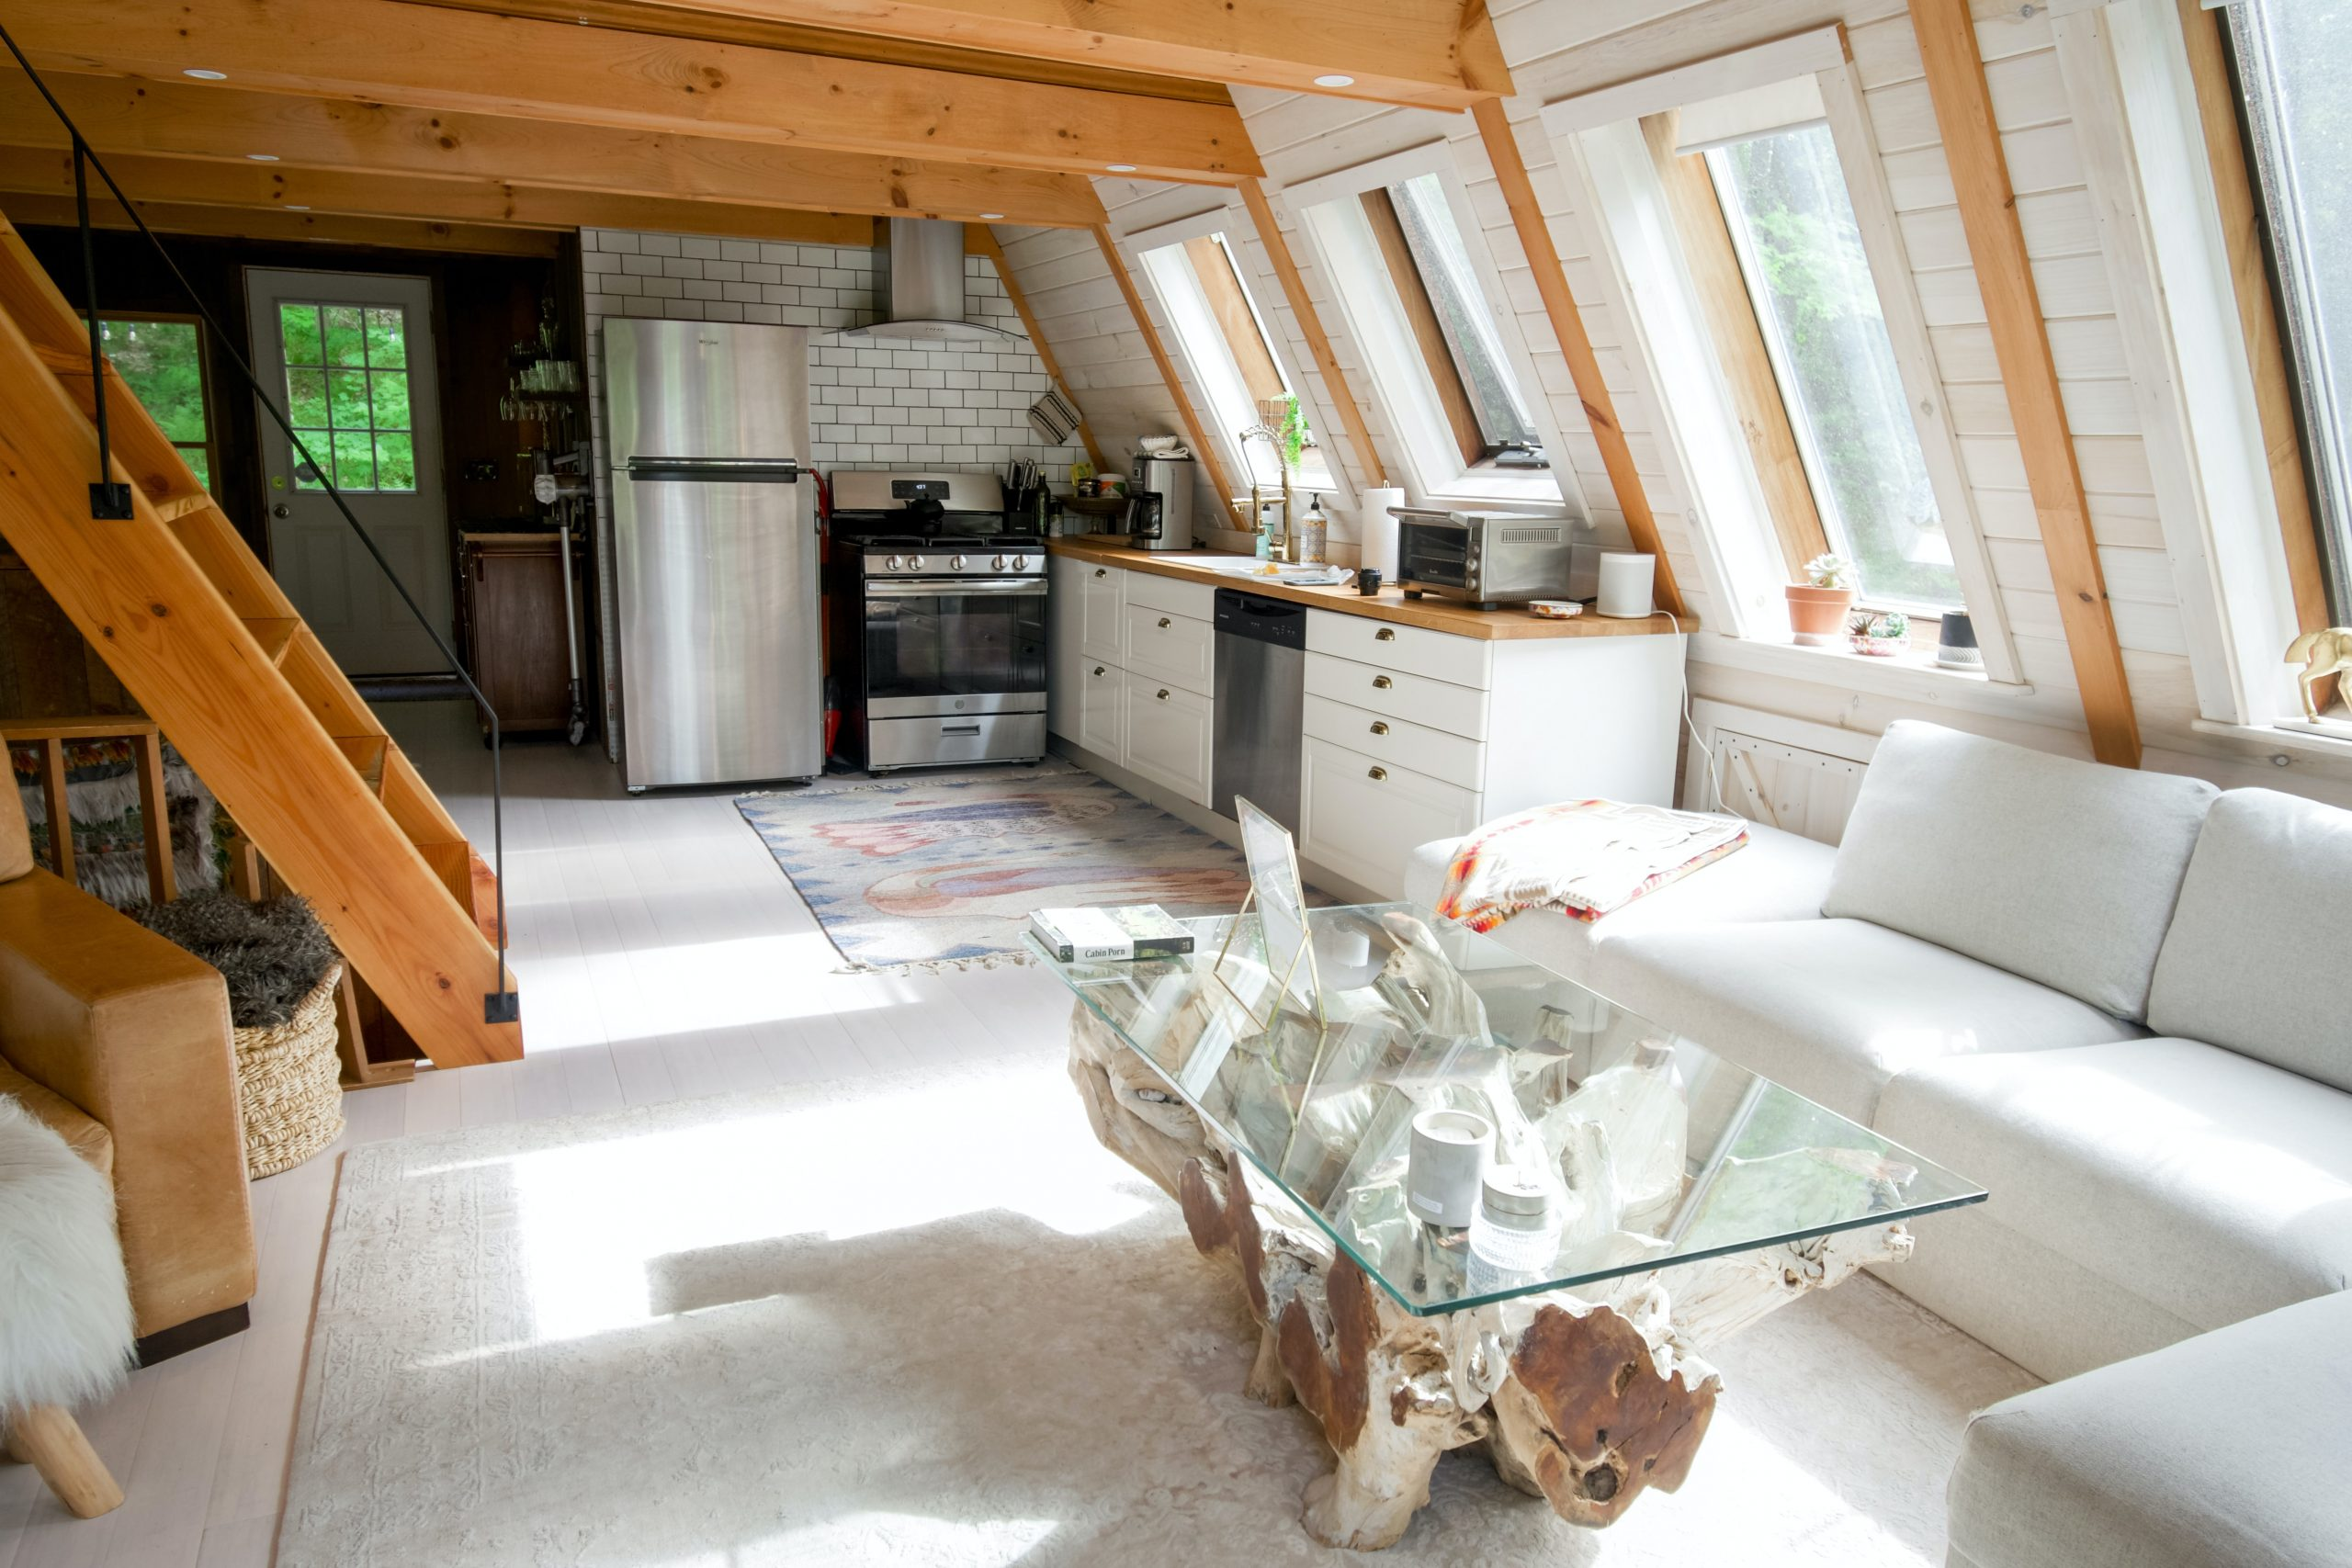 realtors pics real estate photography